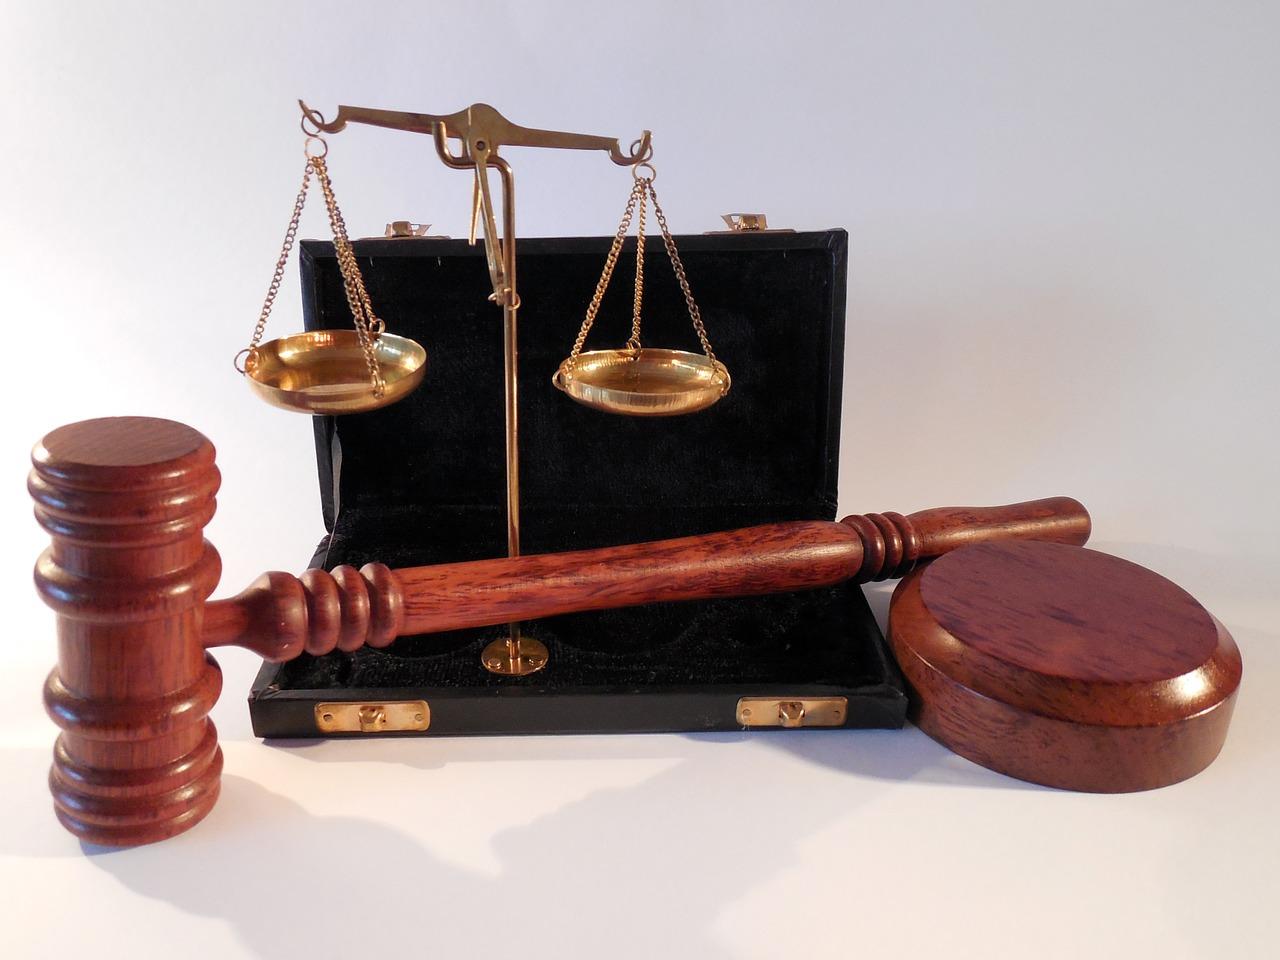 מתי תביעה נקראת תביעה אזרחית?